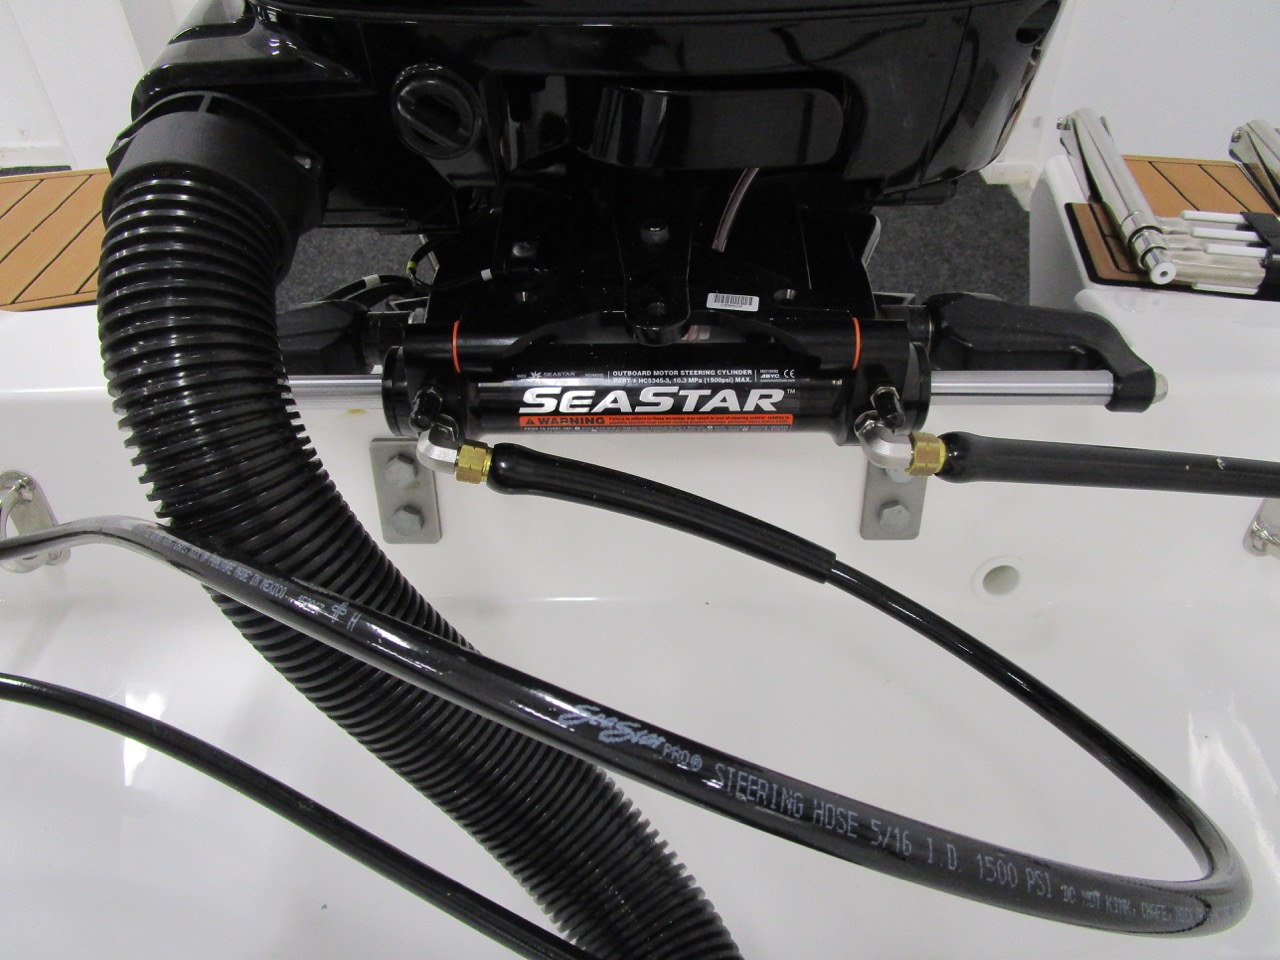 E780 Seastar Hydraulic steering cylinder